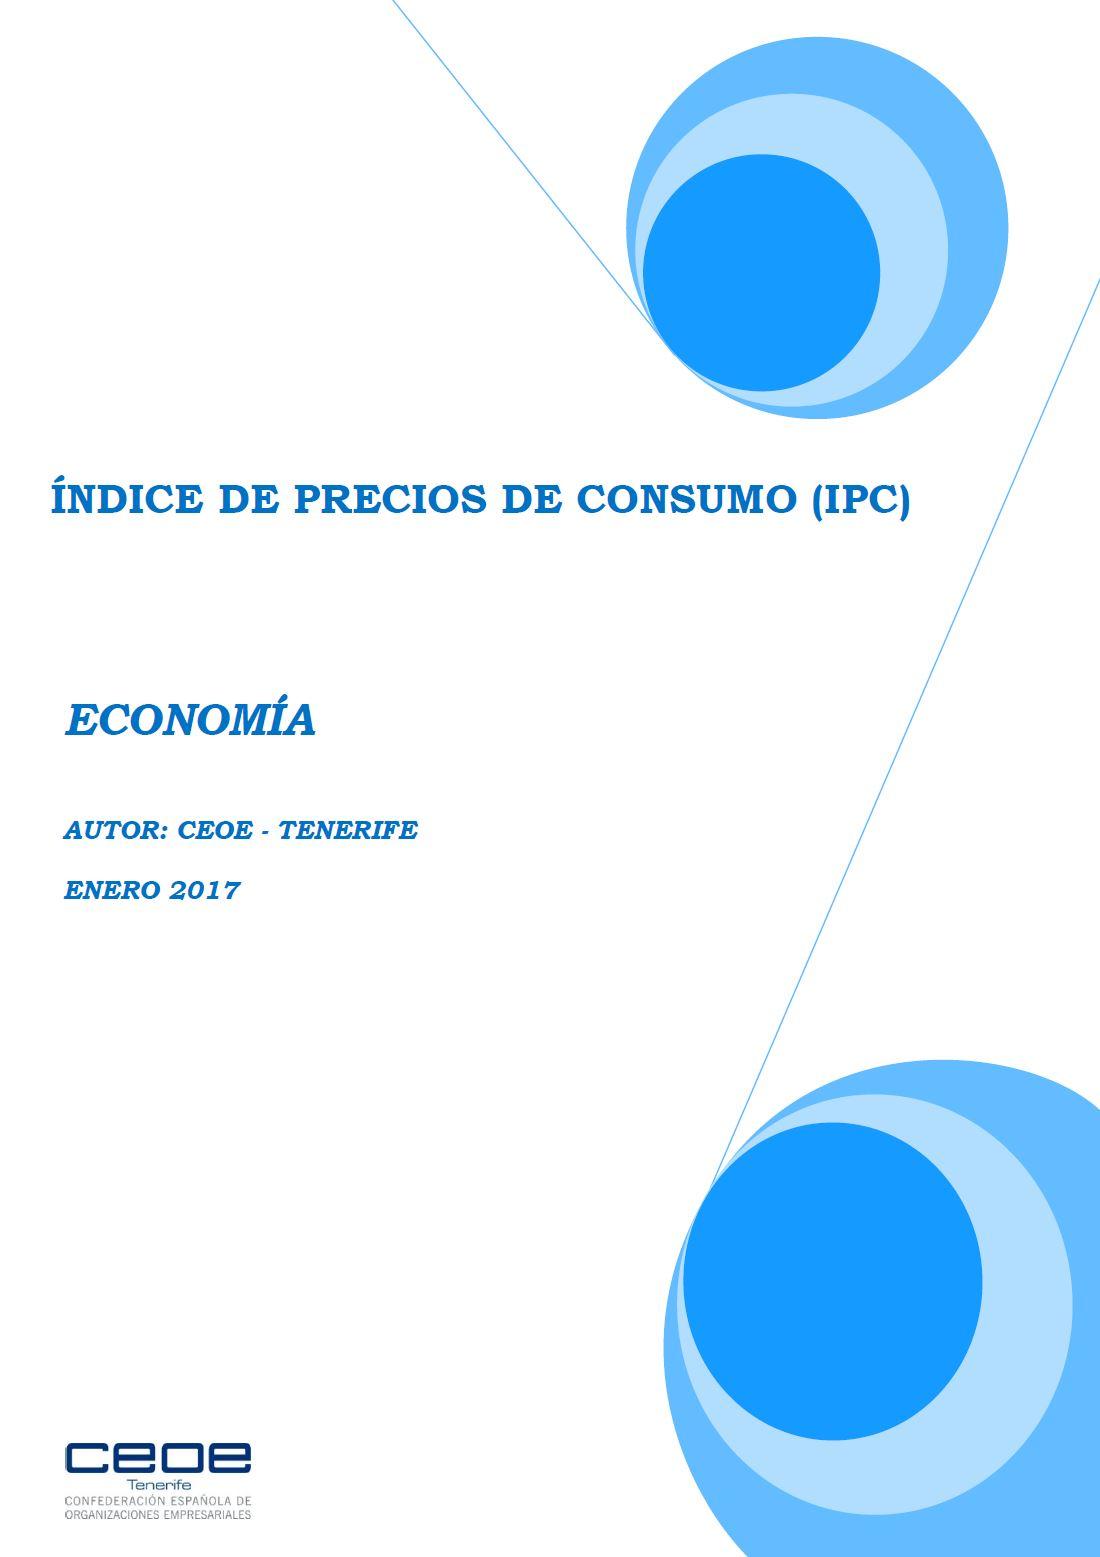 Enero IPC